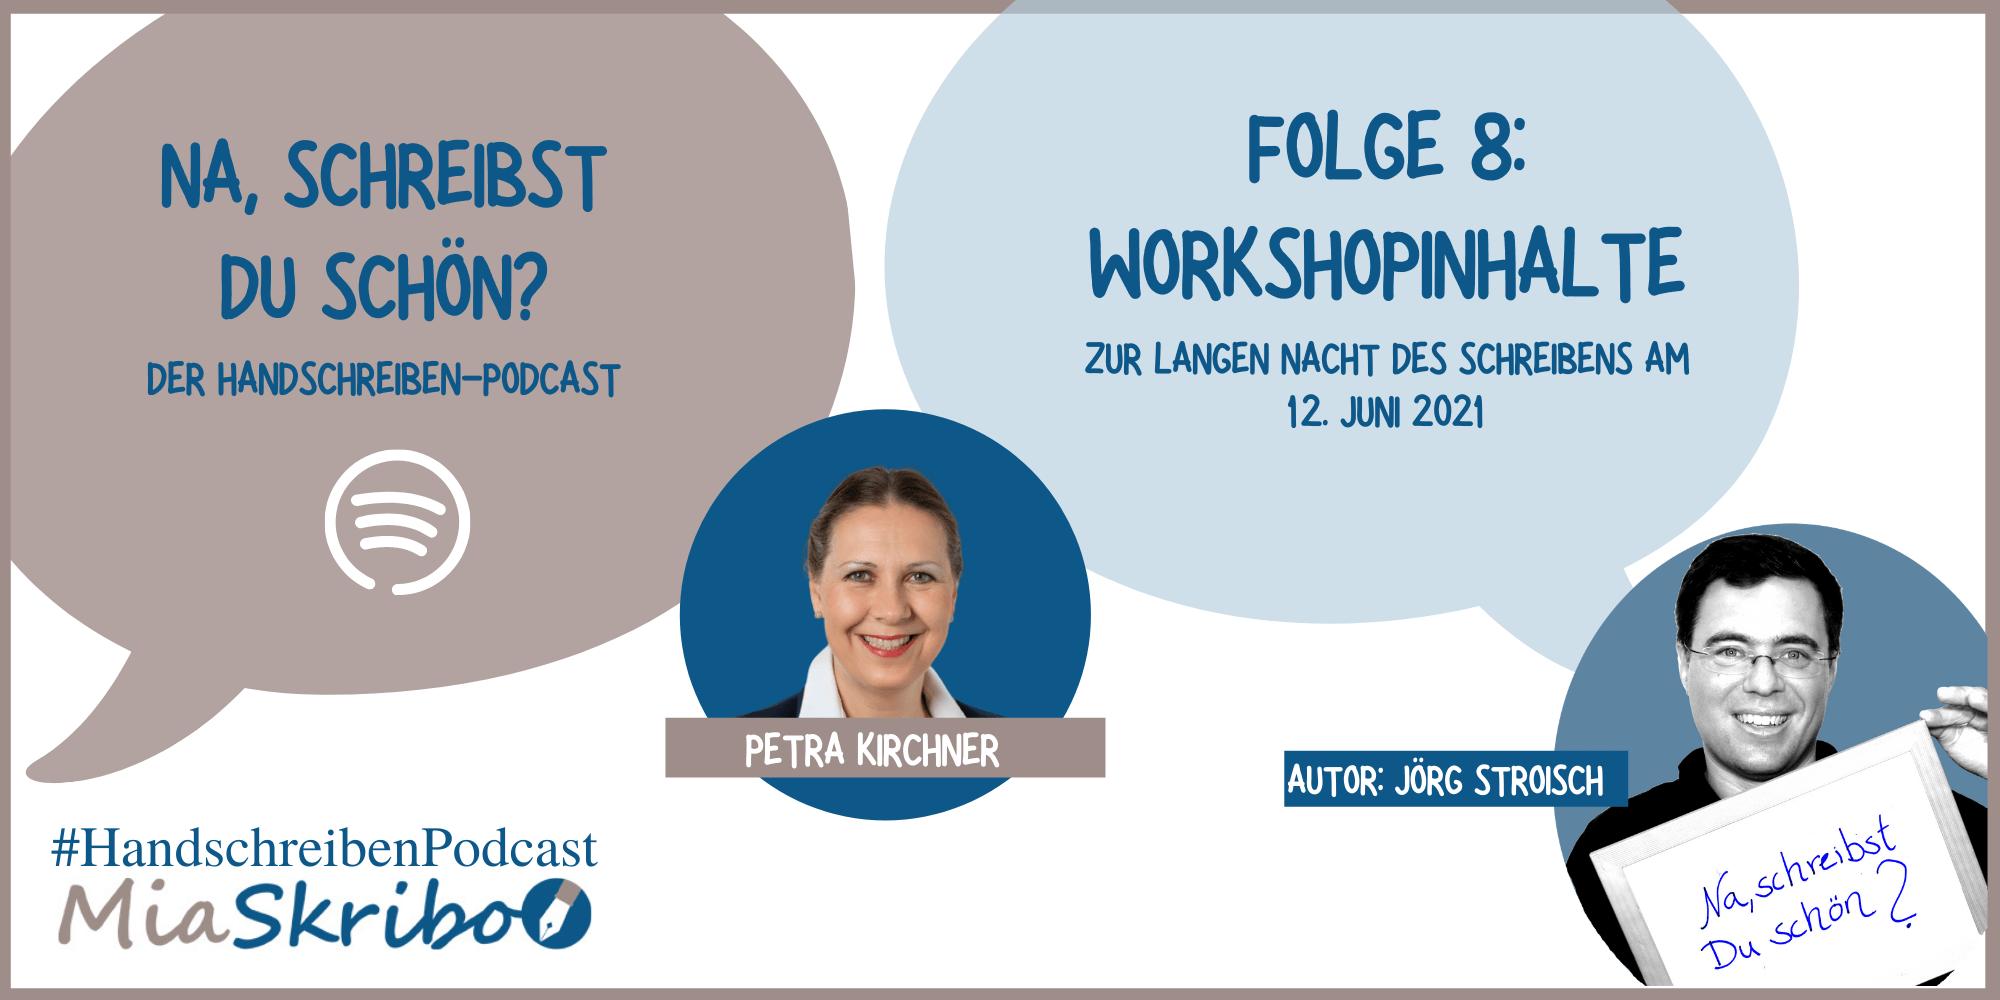 """Im Podcast """"Na, schreibst Du schön?"""" erzählt Petra Kirchner, was sie zu den Workshops zur Langen Nacht des Schreibens plant."""